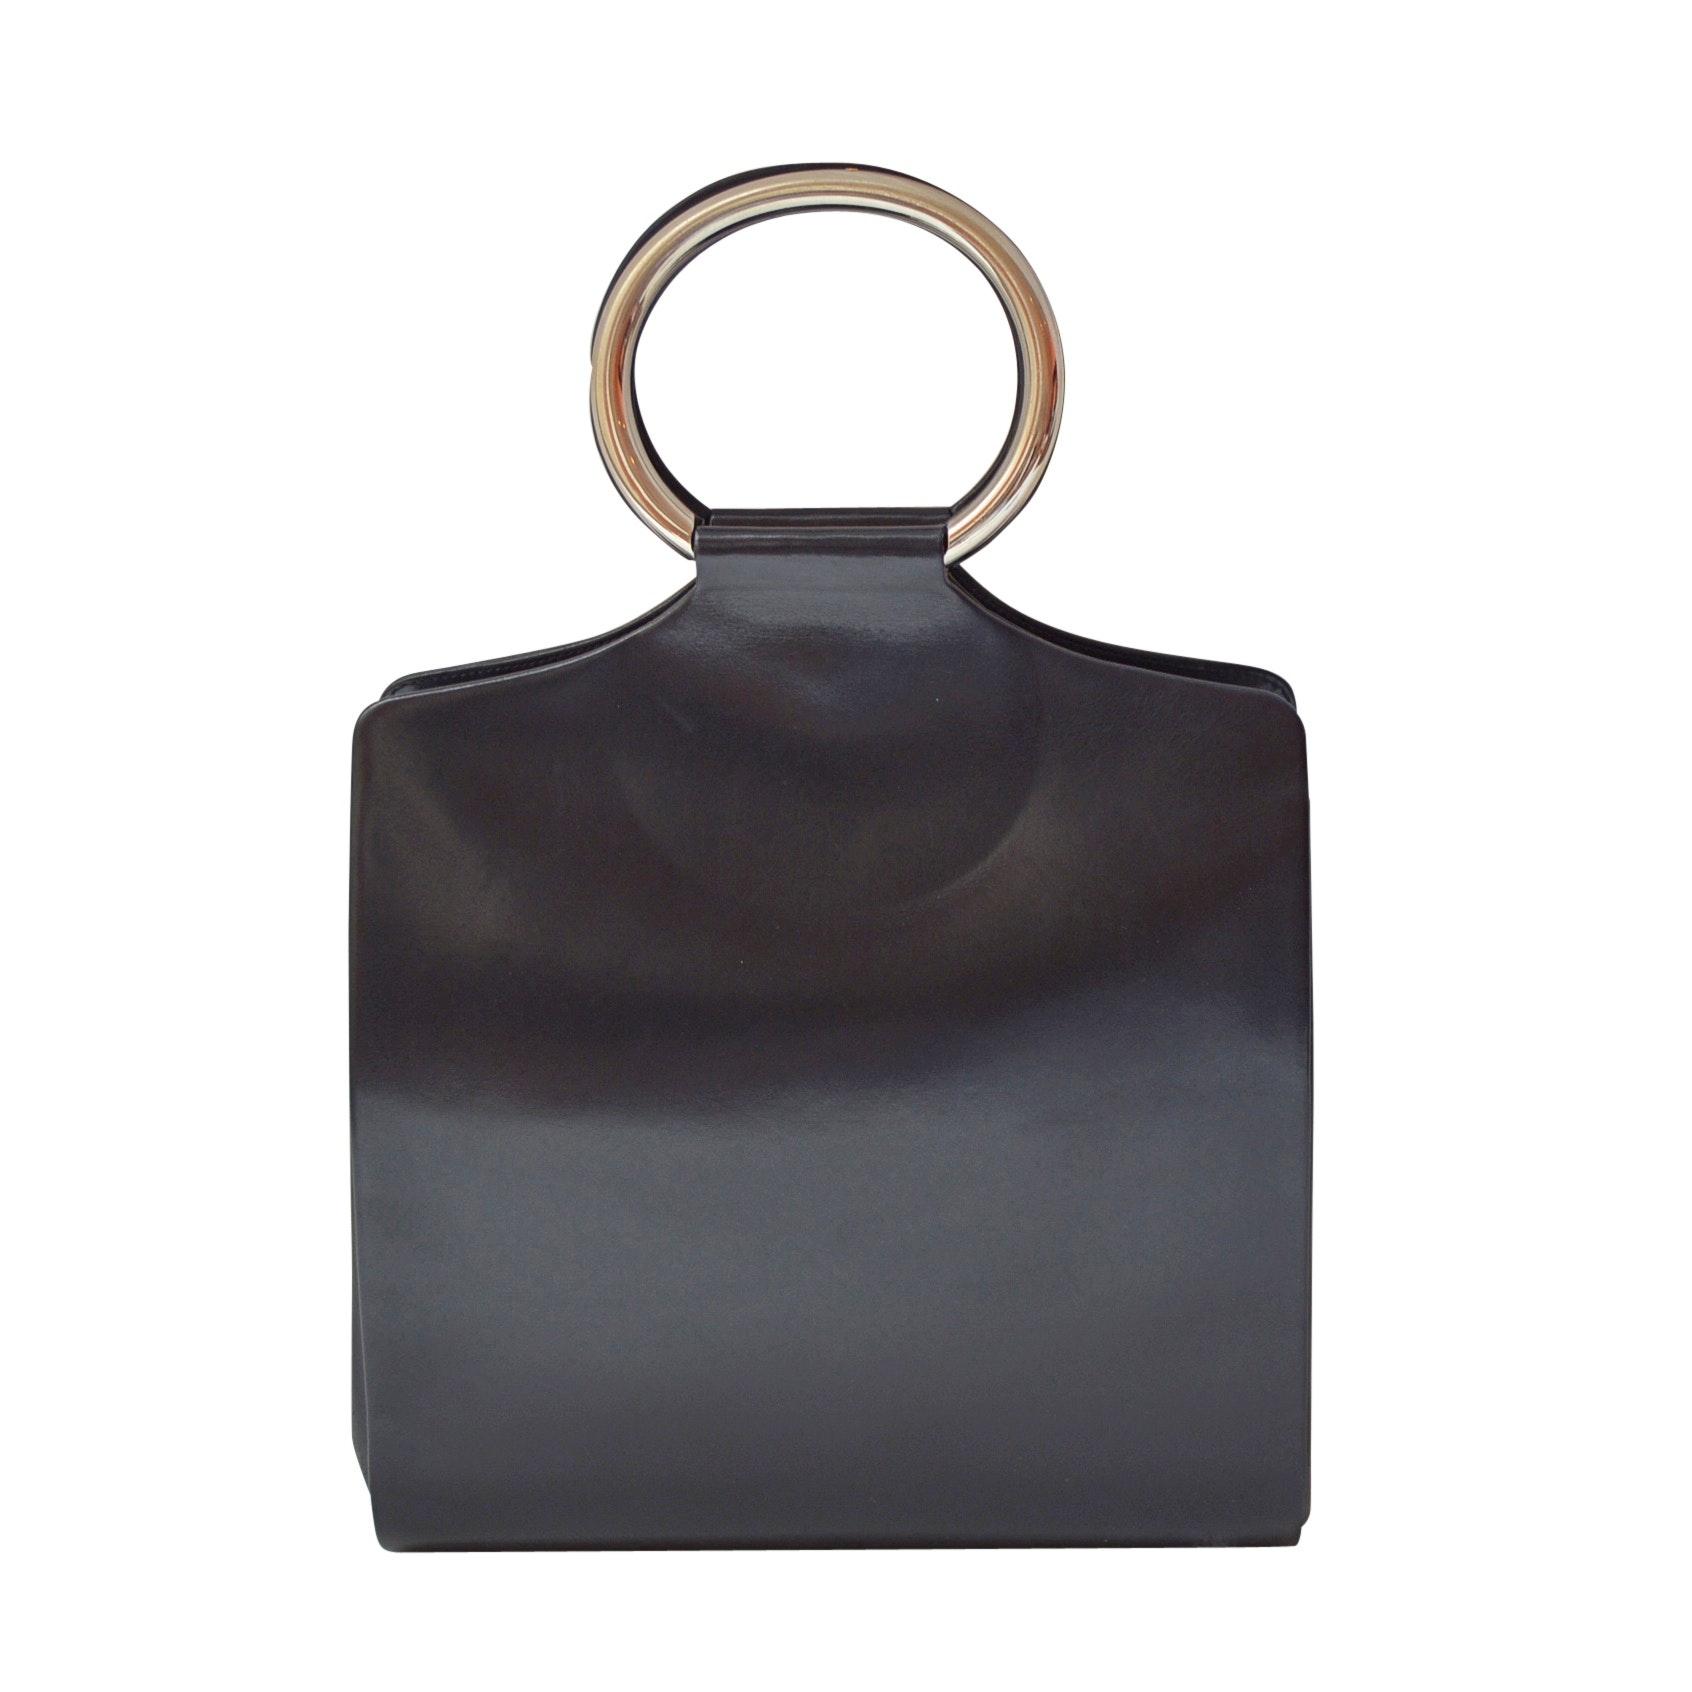 Rodo Italian Navy Blue Leather Handbag